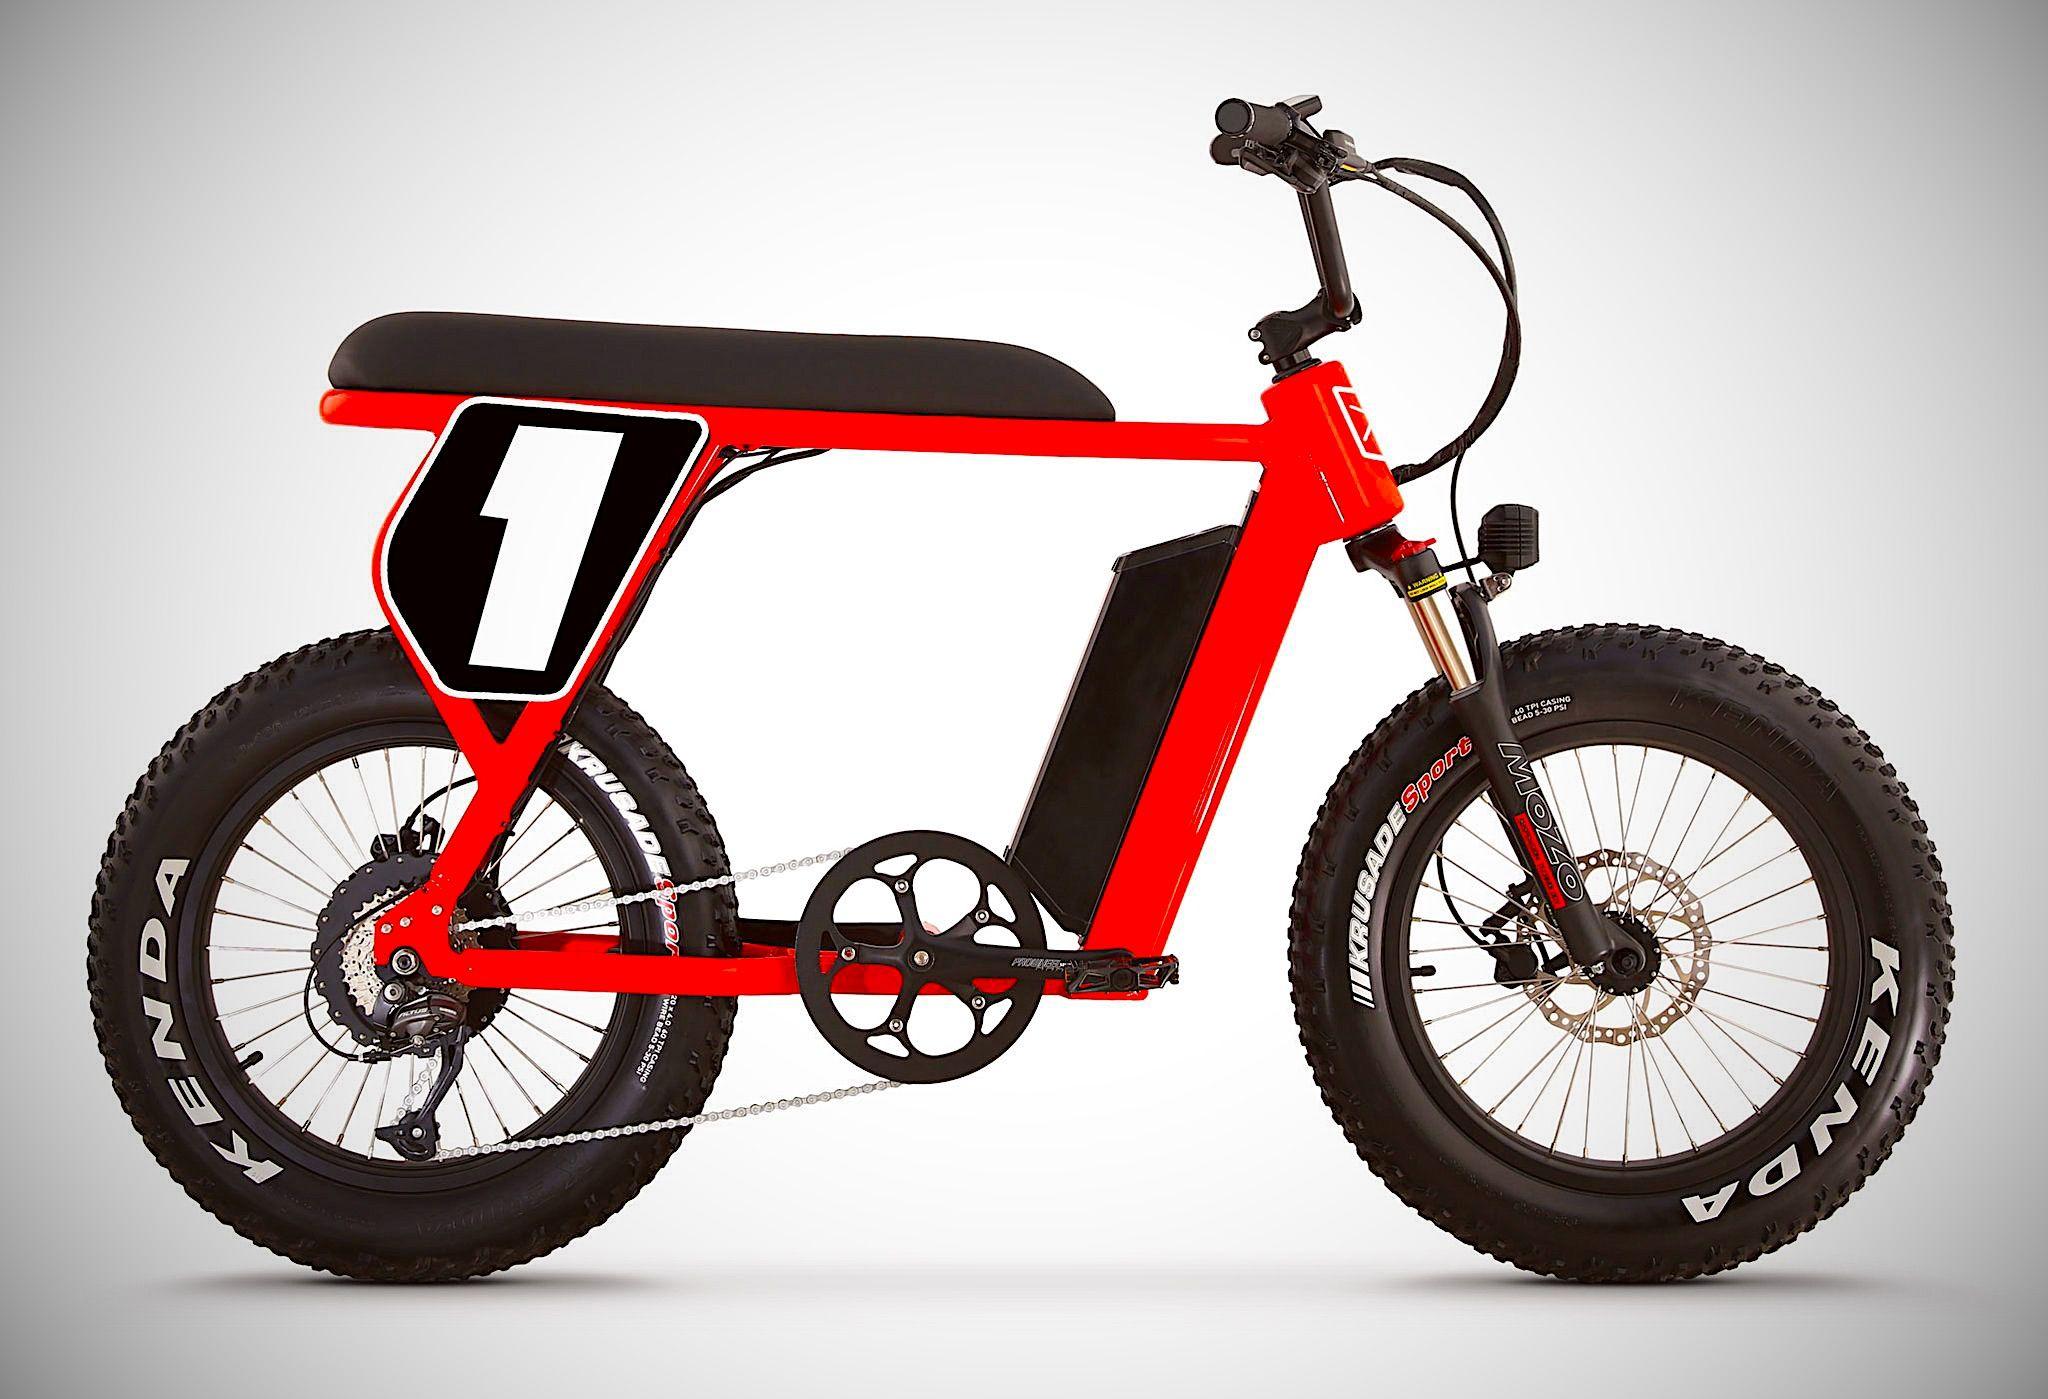 Juiced Electric Scrambler Vs Honda Ruckus Electric Motorbike